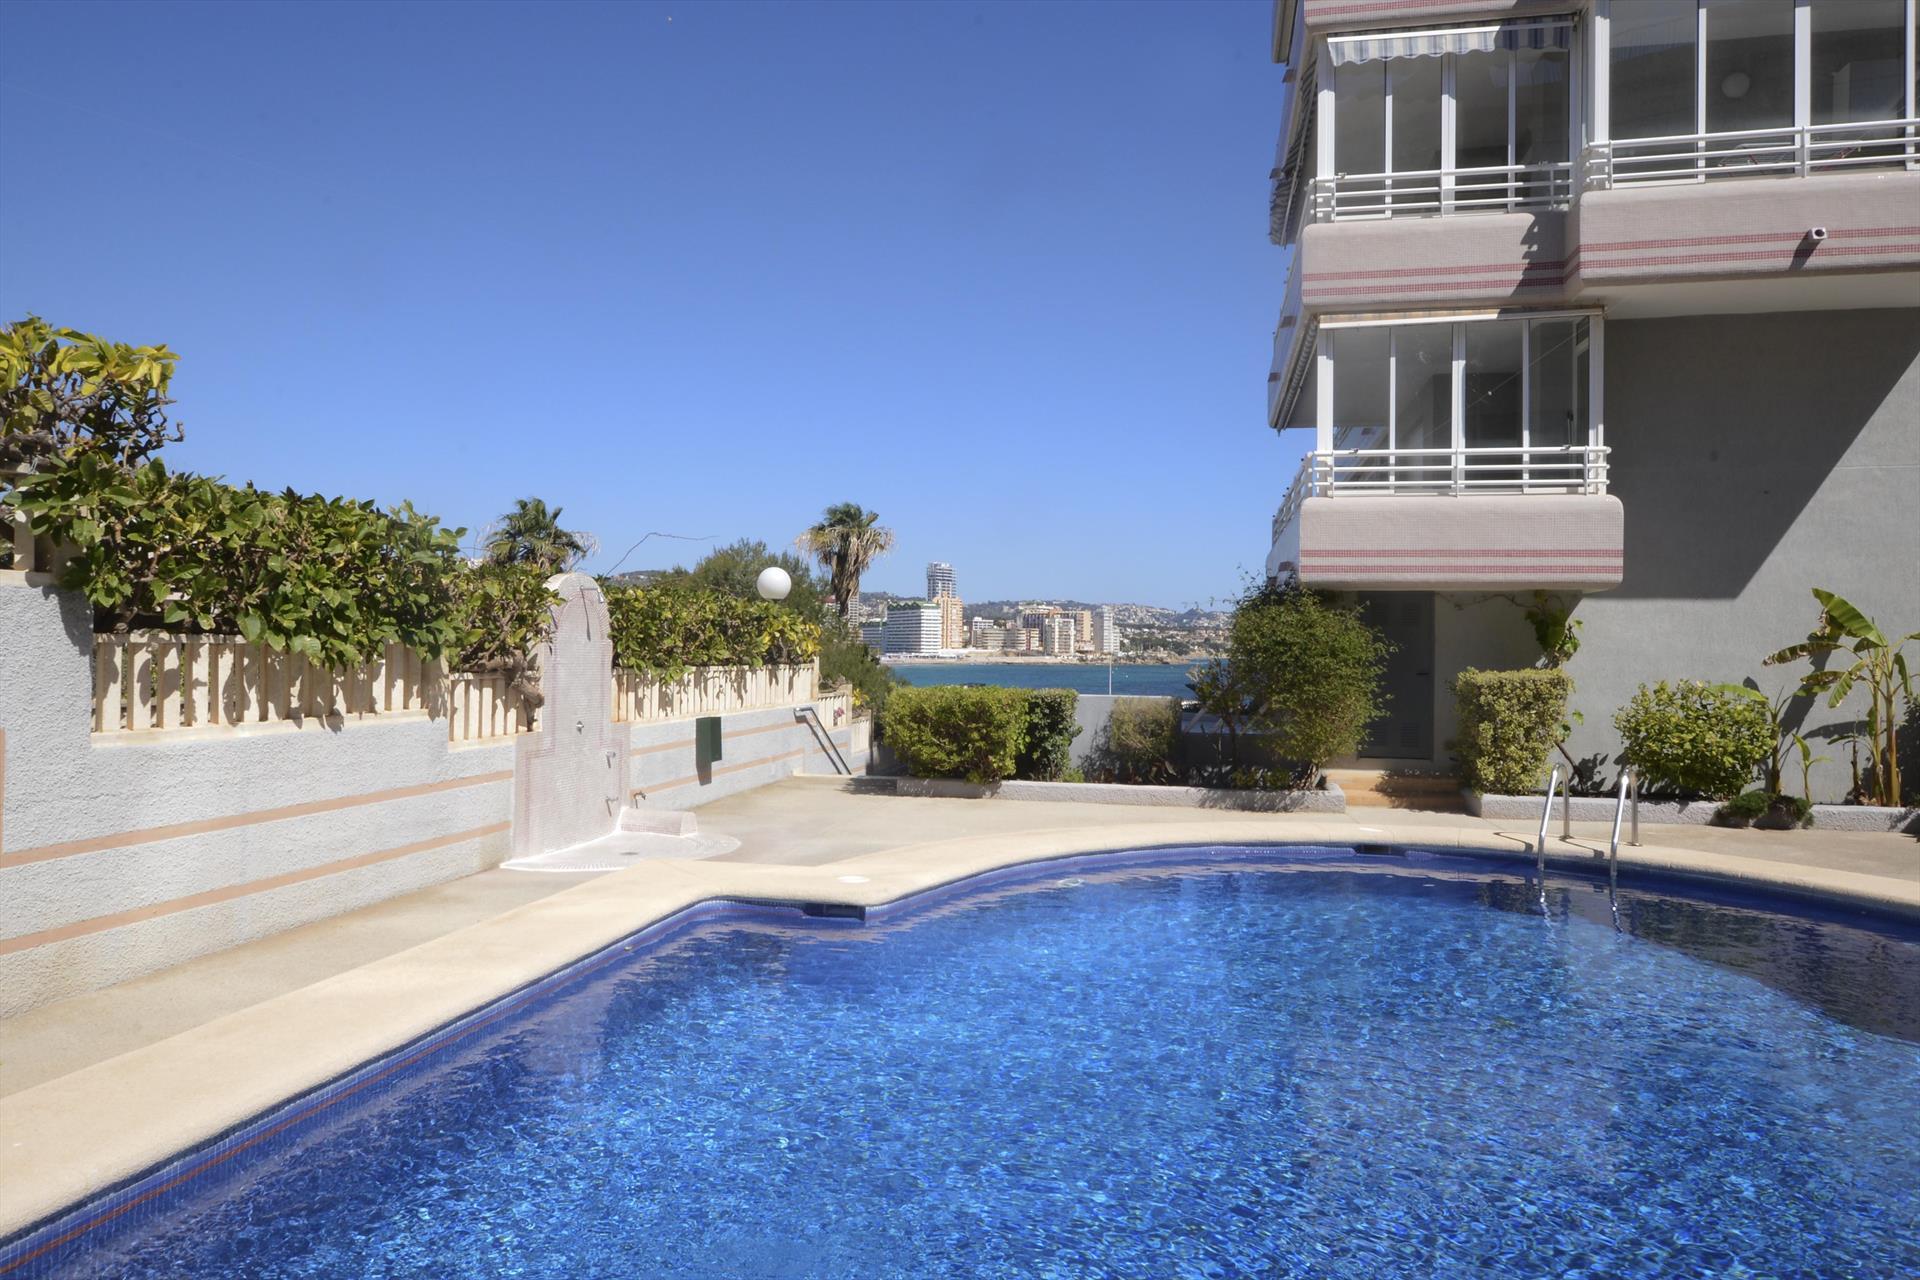 Apartamento Bahia Mar 3A,Апартамент  с общим бассейном  на 6 человек в Кальпе, нa Коста Бланкe, в Испании.....